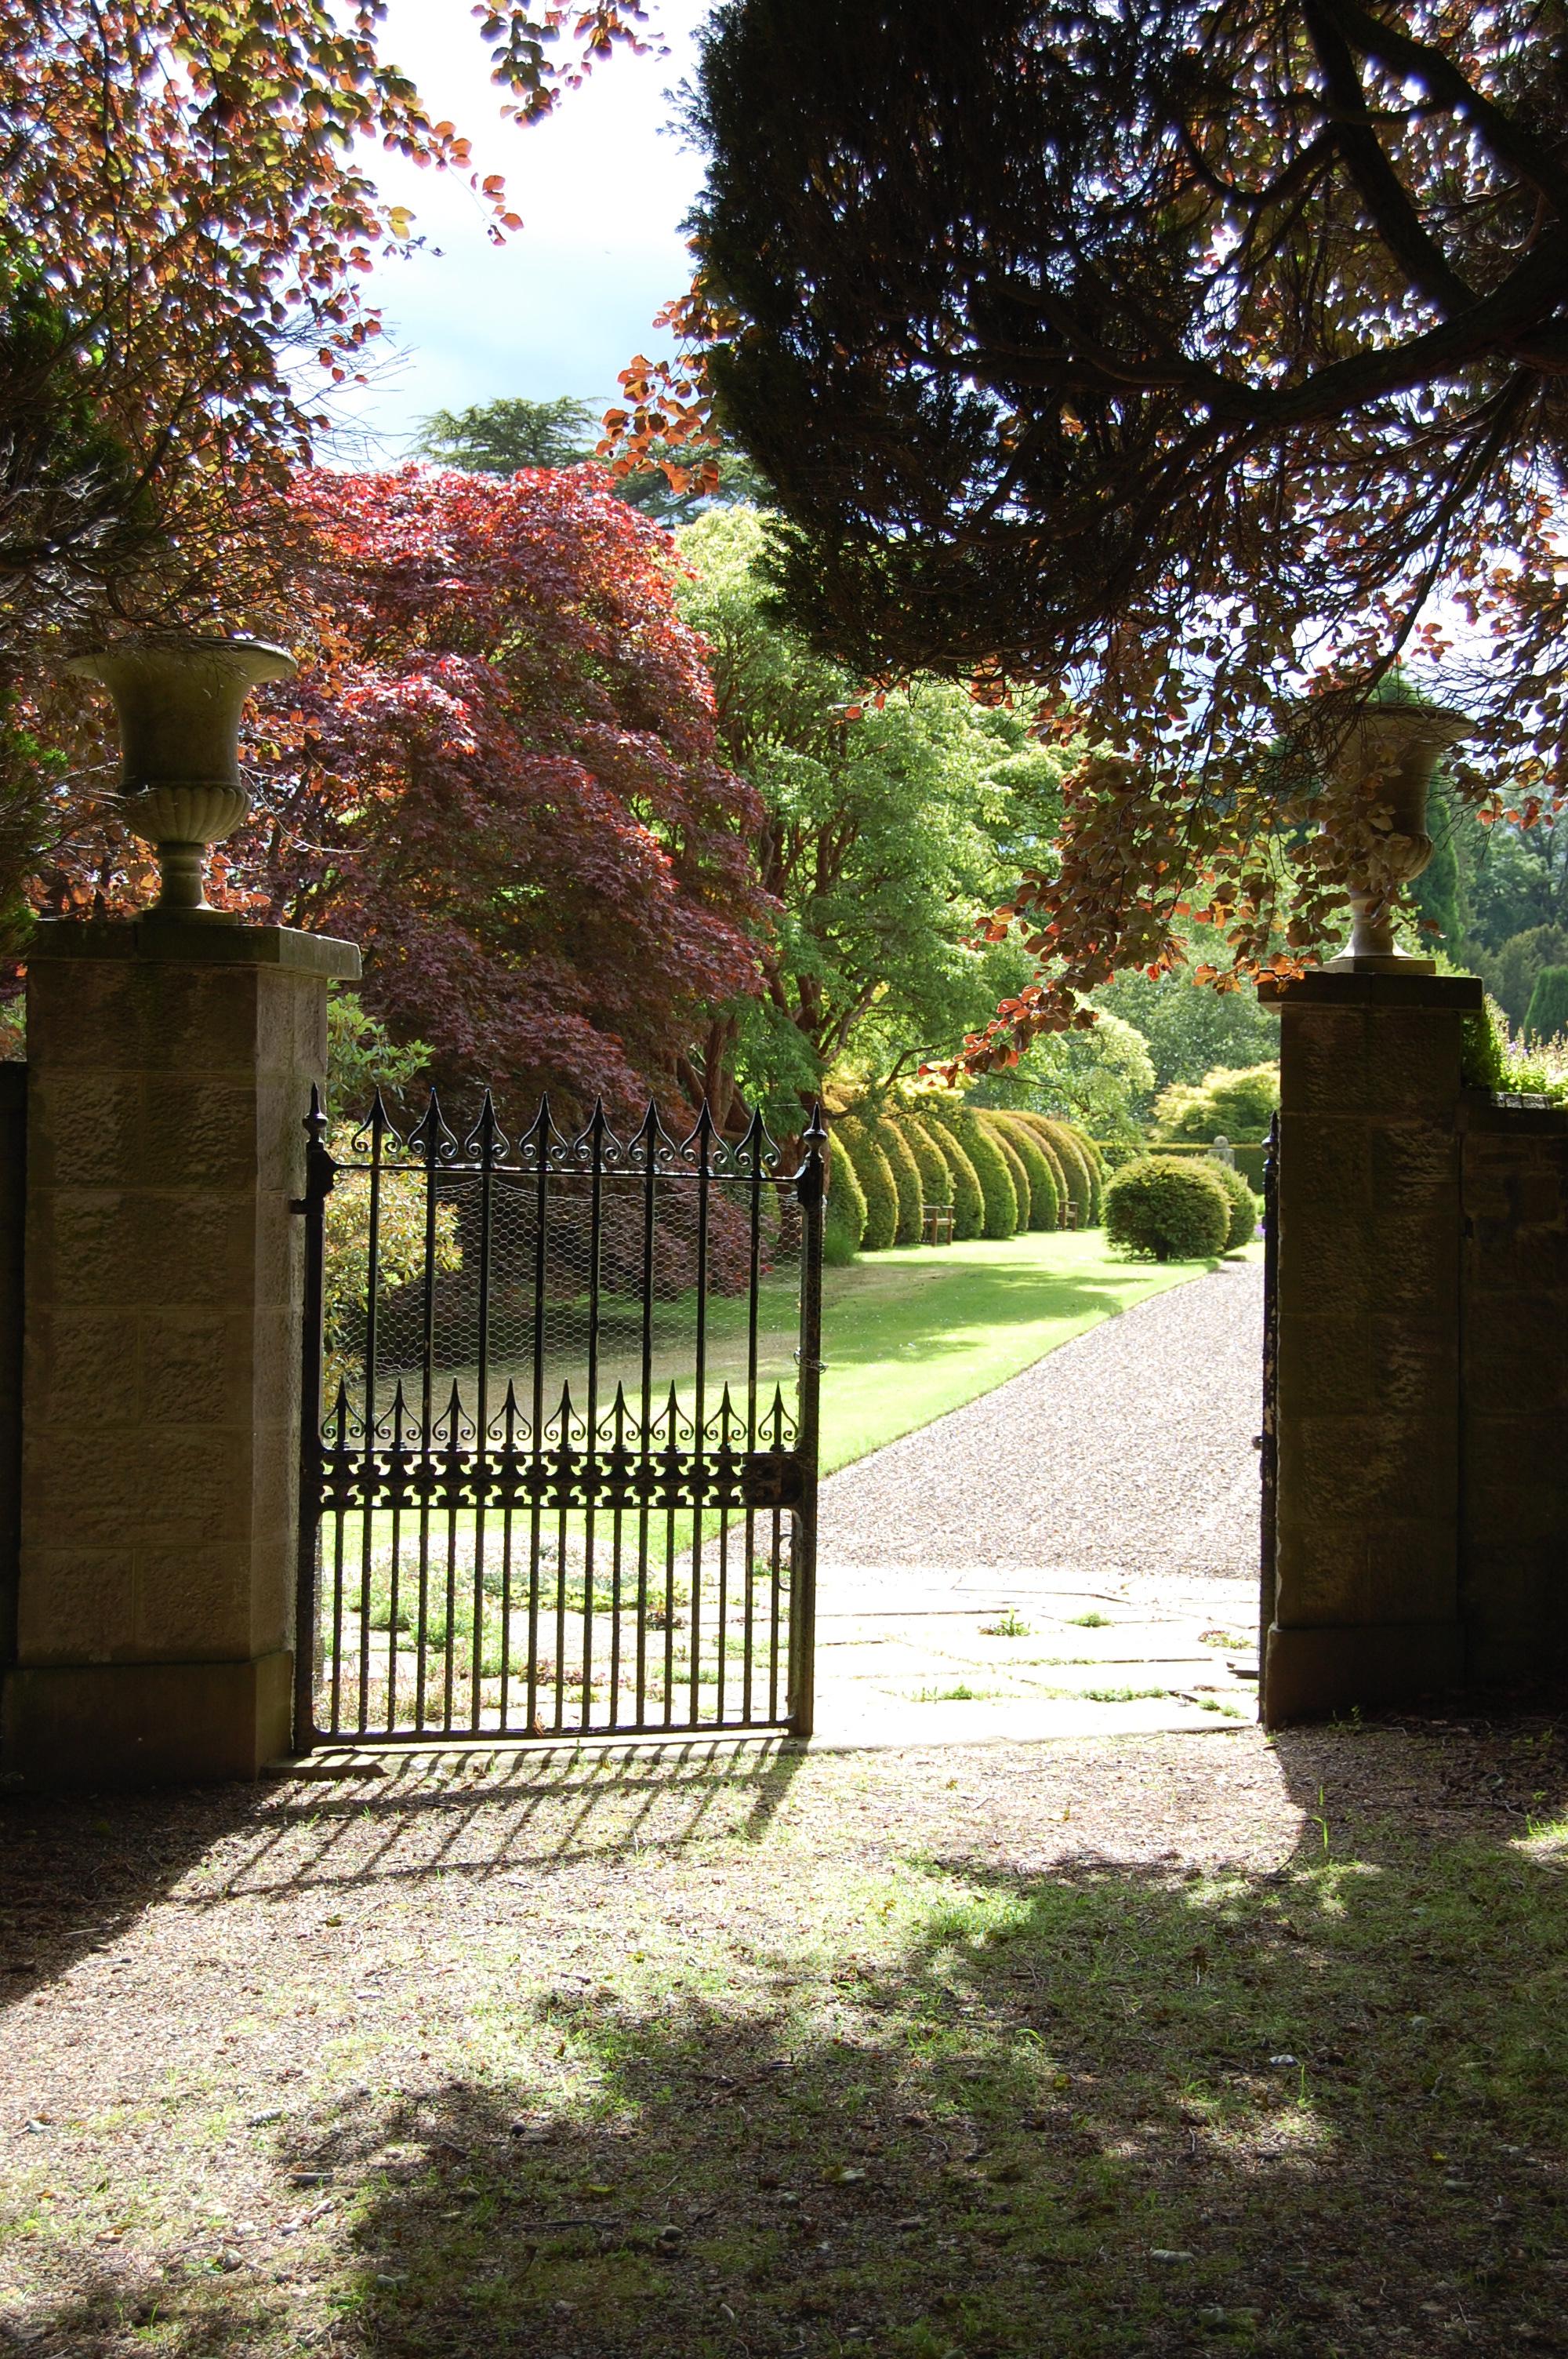 file brechin castle garden gate jpg wikipedia the free encyclopedia